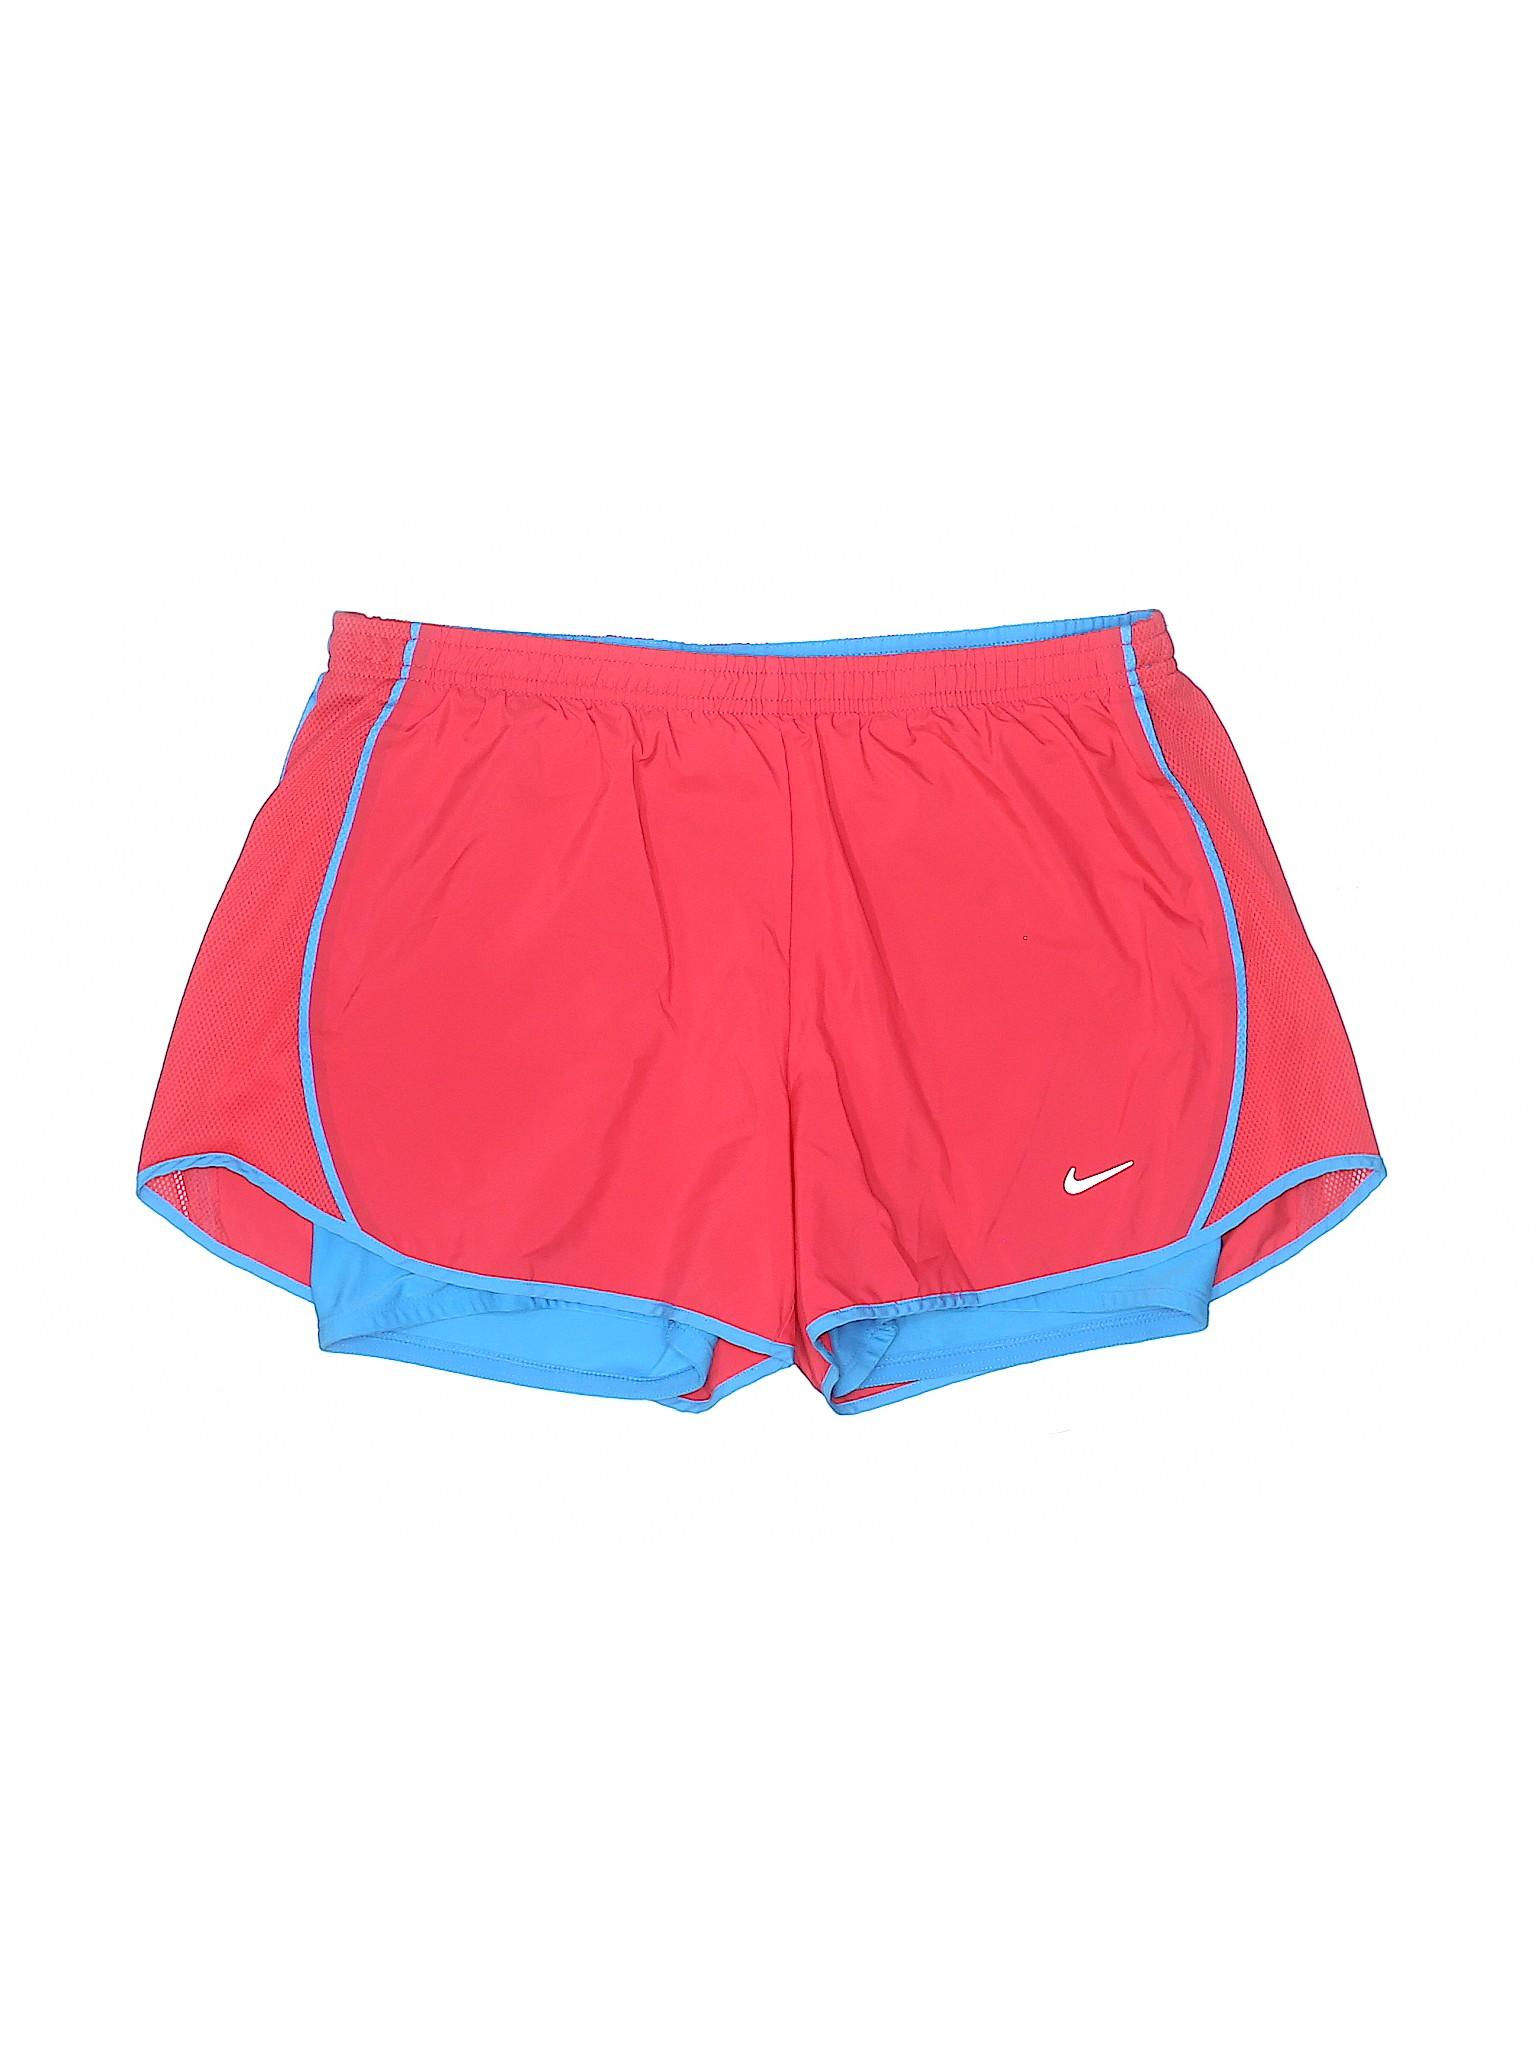 Nike Nike Athletic Boutique Shorts Shorts Boutique Athletic 6BxwO5pqw